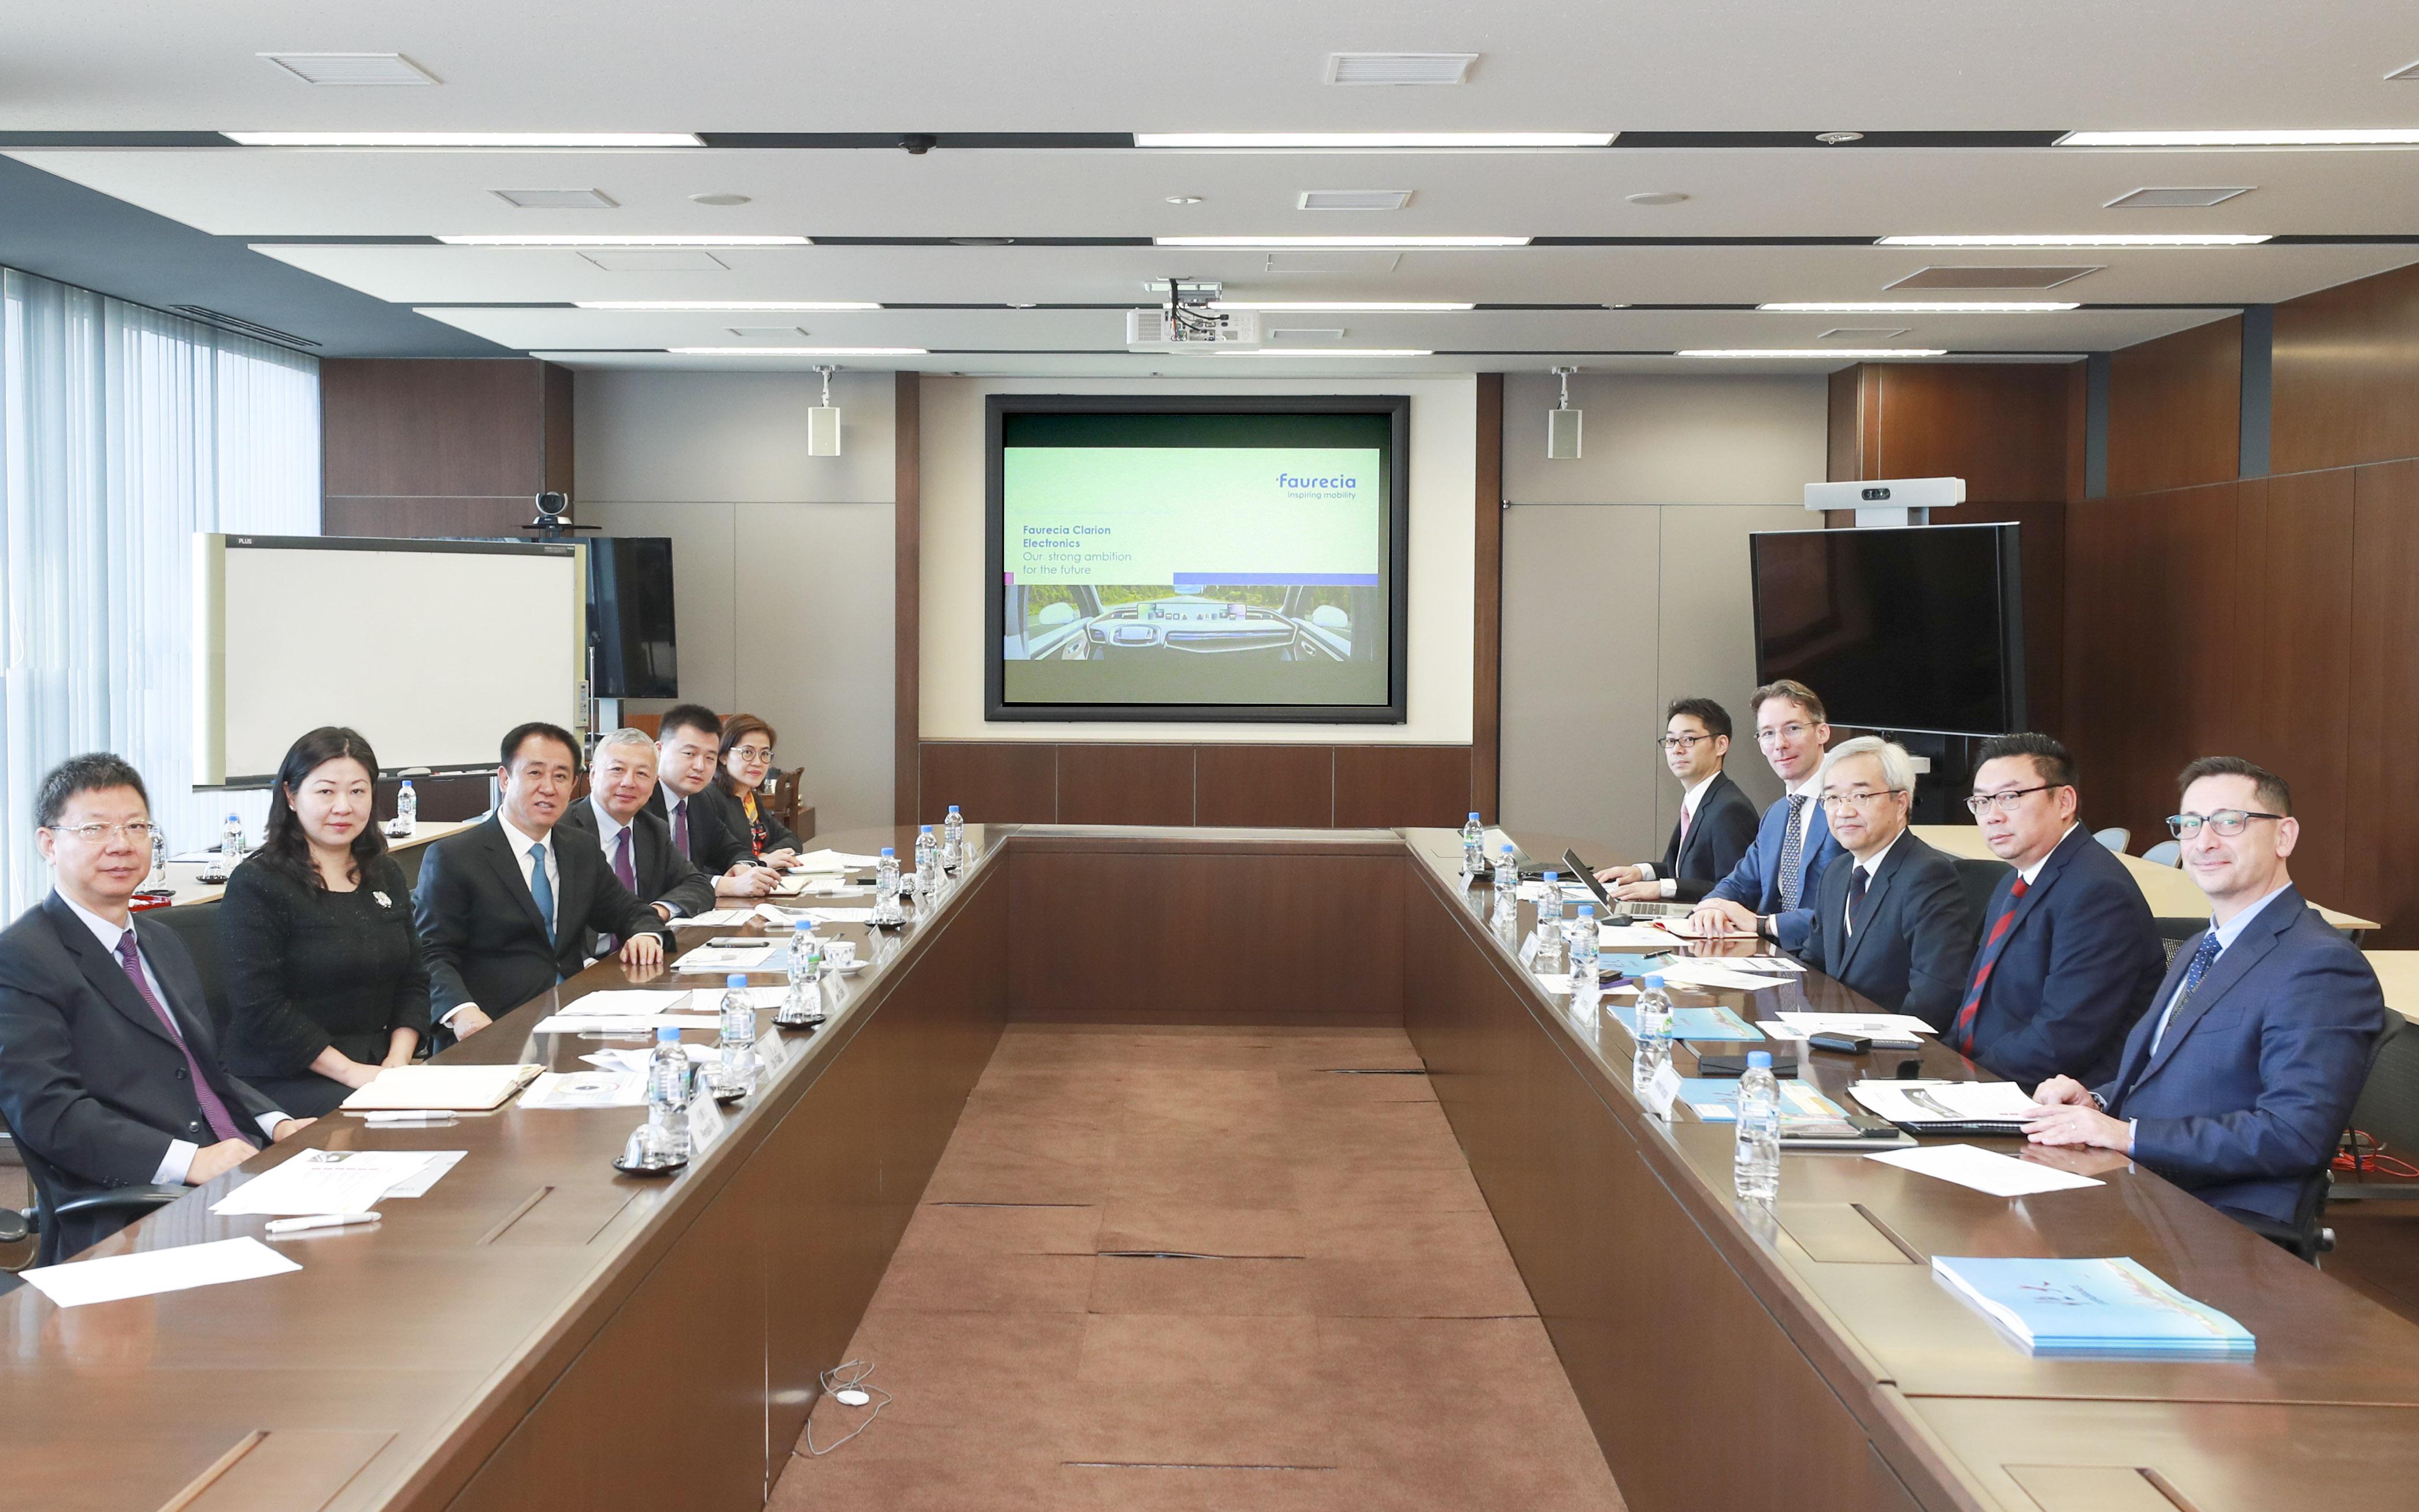 许家印一行与佛吉亚集团全球常务副总裁、佛吉亚歌乐电子集团总裁川端敦等高管会谈